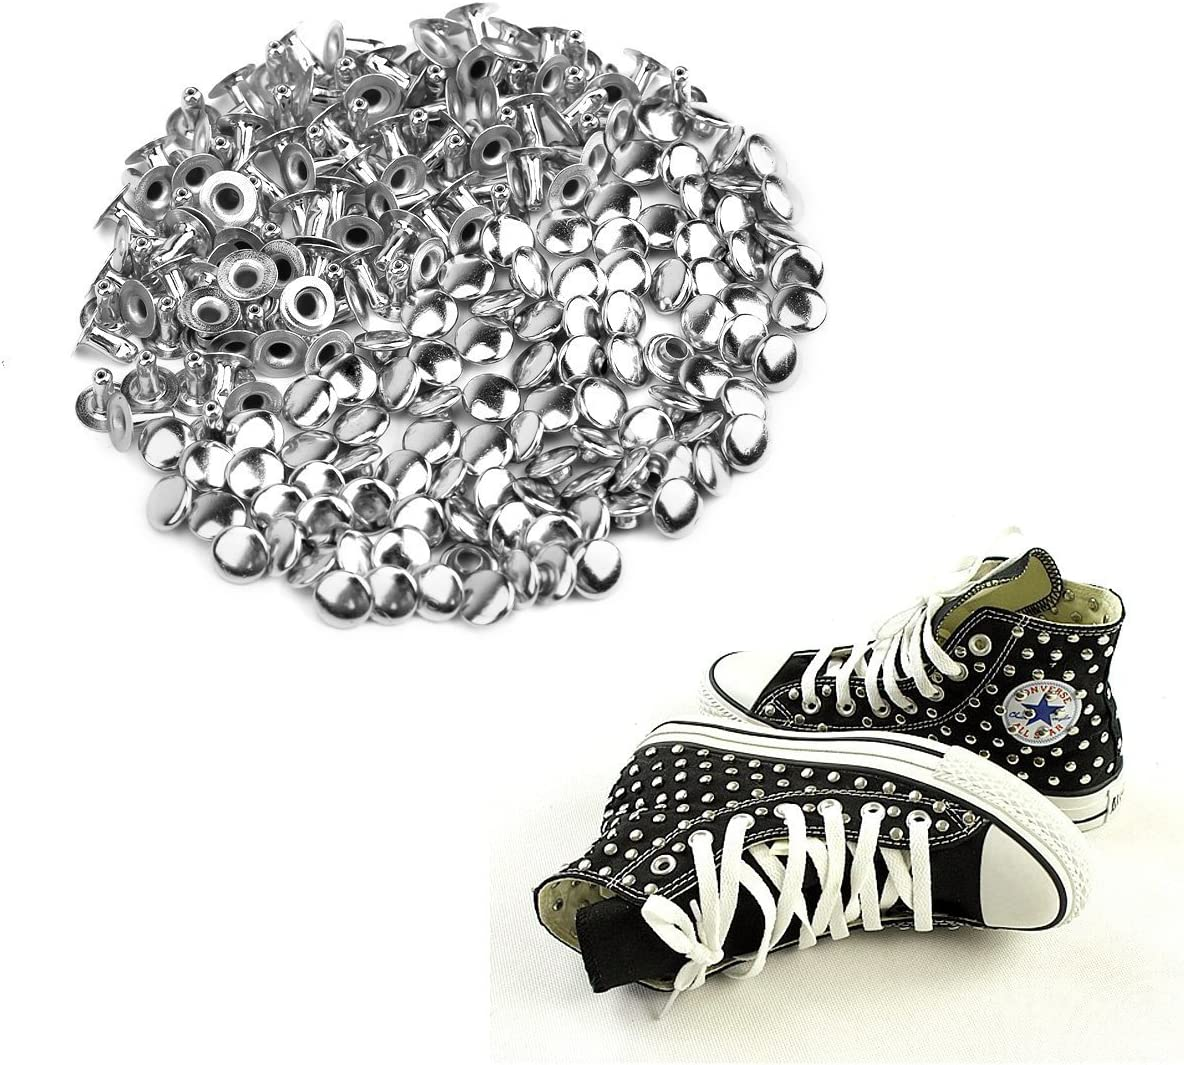 / Ultnice M/étal rivets DIY Punk Artisanat du cuir Chaussures Sac Bracelet Rapid Clous Rivets 6/mm Argent /100/Pi/èces